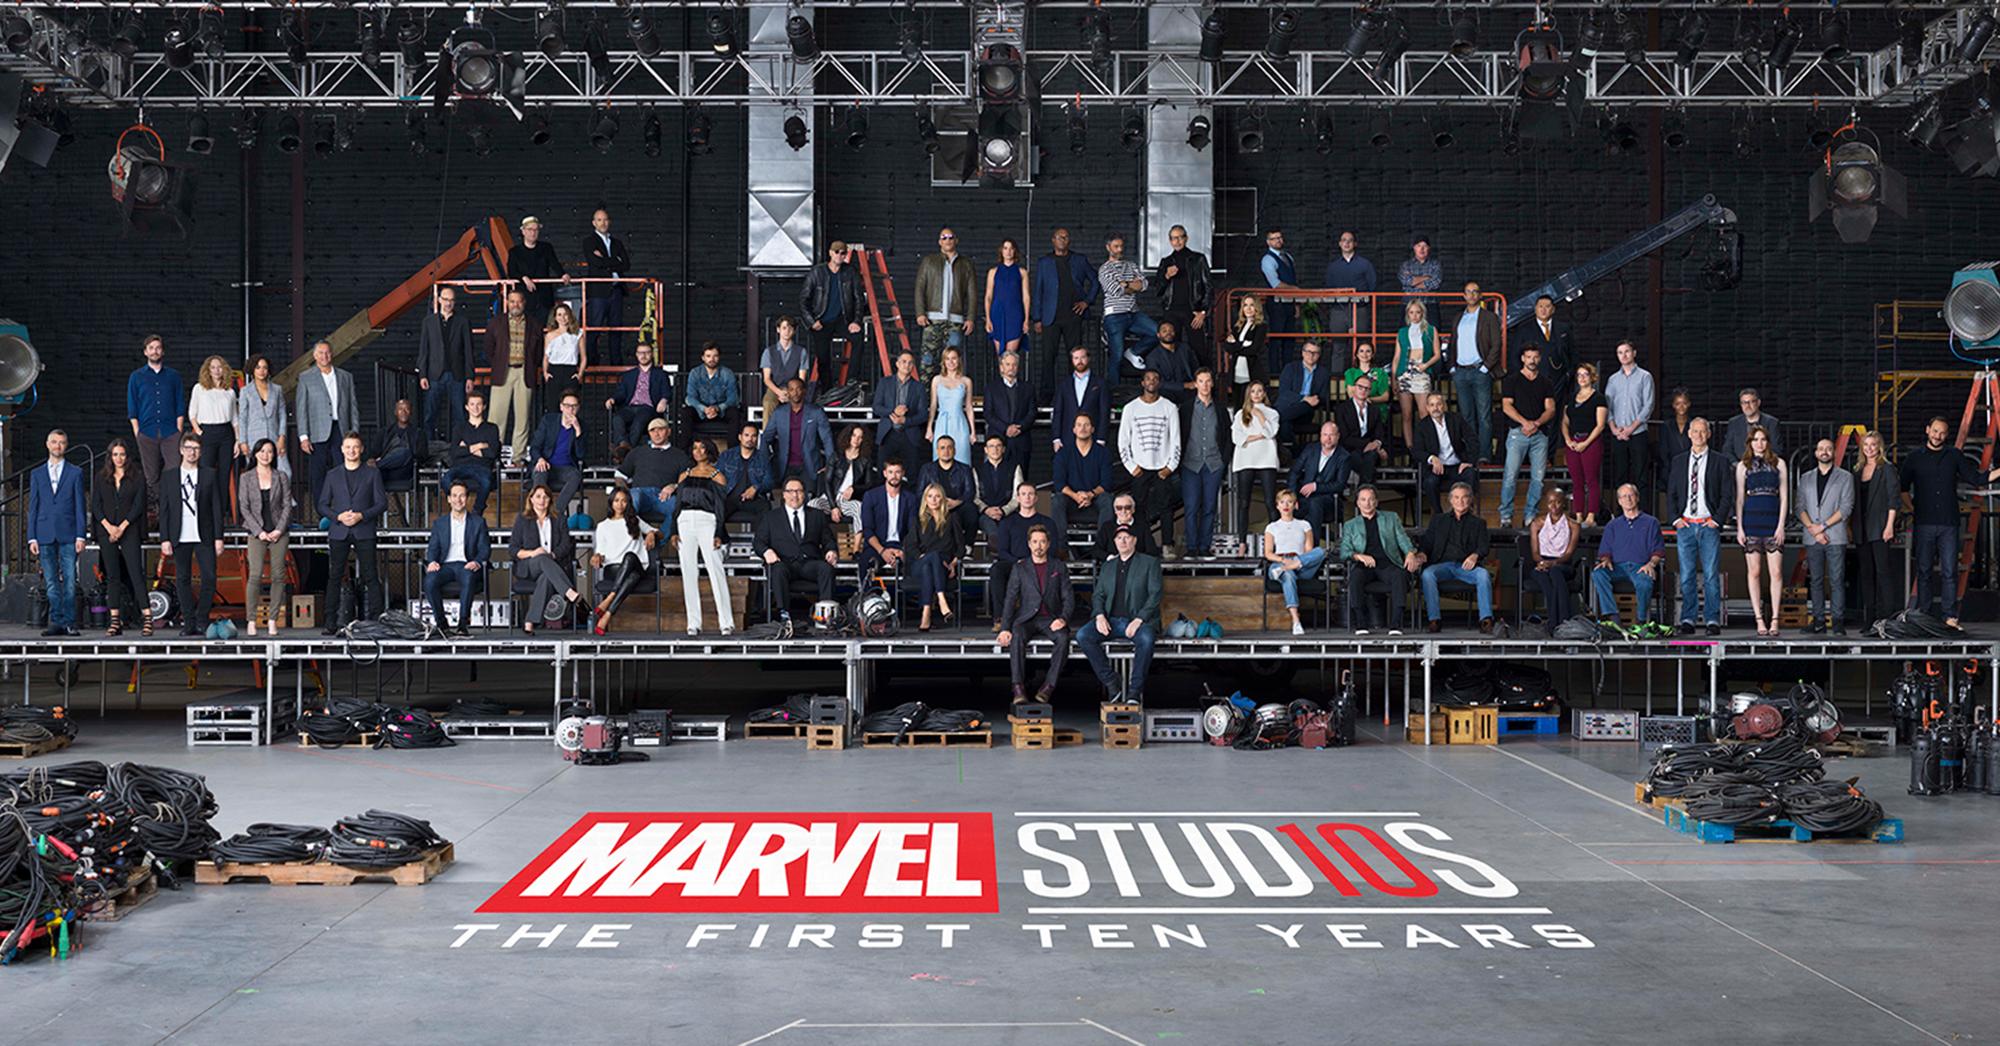 10 năm đi vào lịch sử làng điện ảnh của Marvel: Từ vực sâu phá sản cho đến người khổng lồ của đế chế phim siêu anh hùng - Ảnh 19.